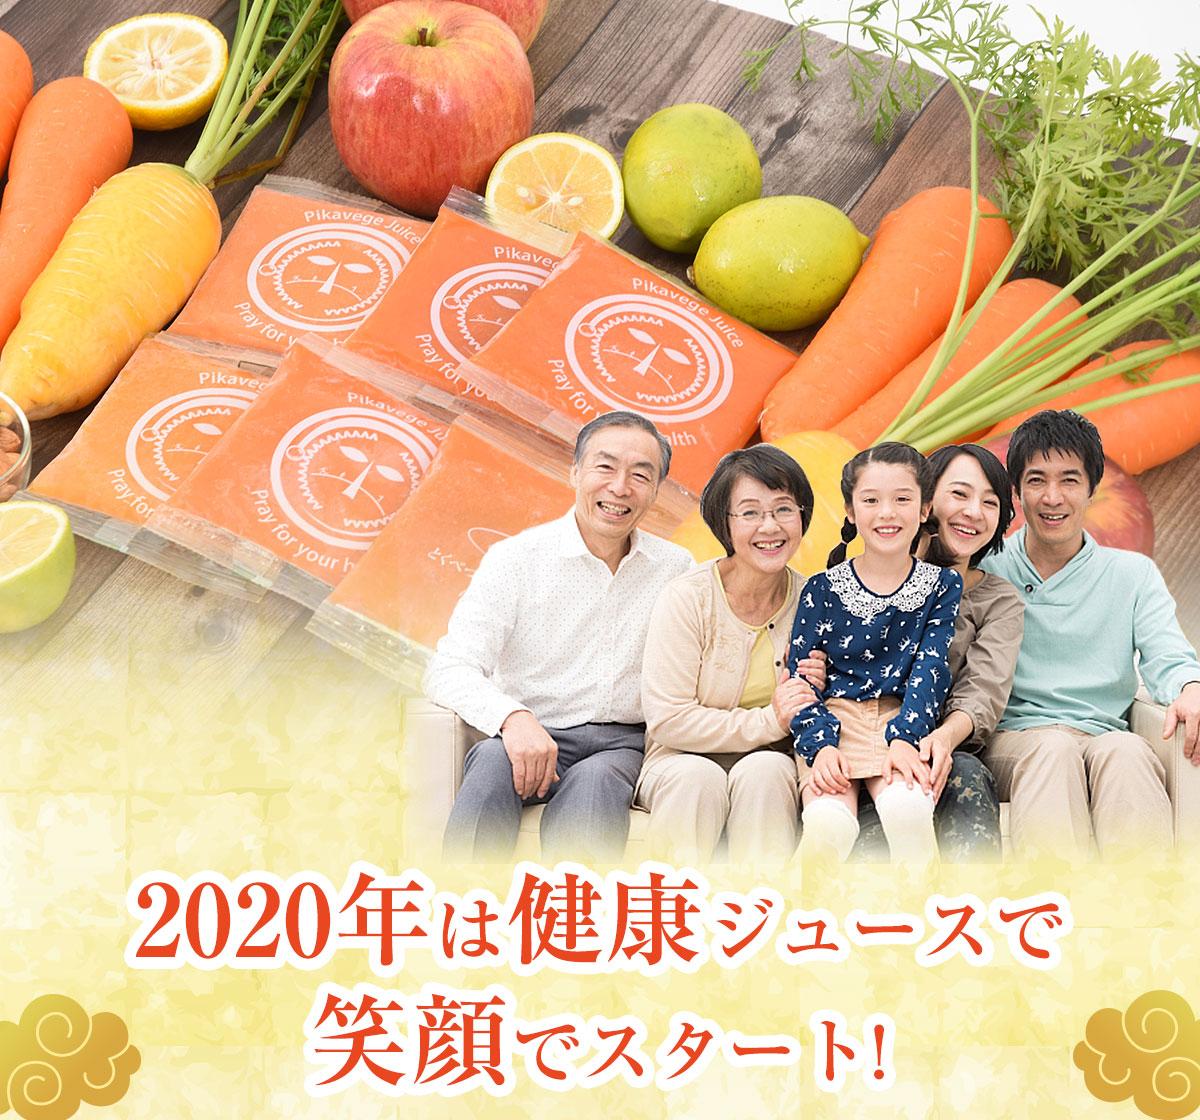 2020年は健康ジュースで笑顔でスタート